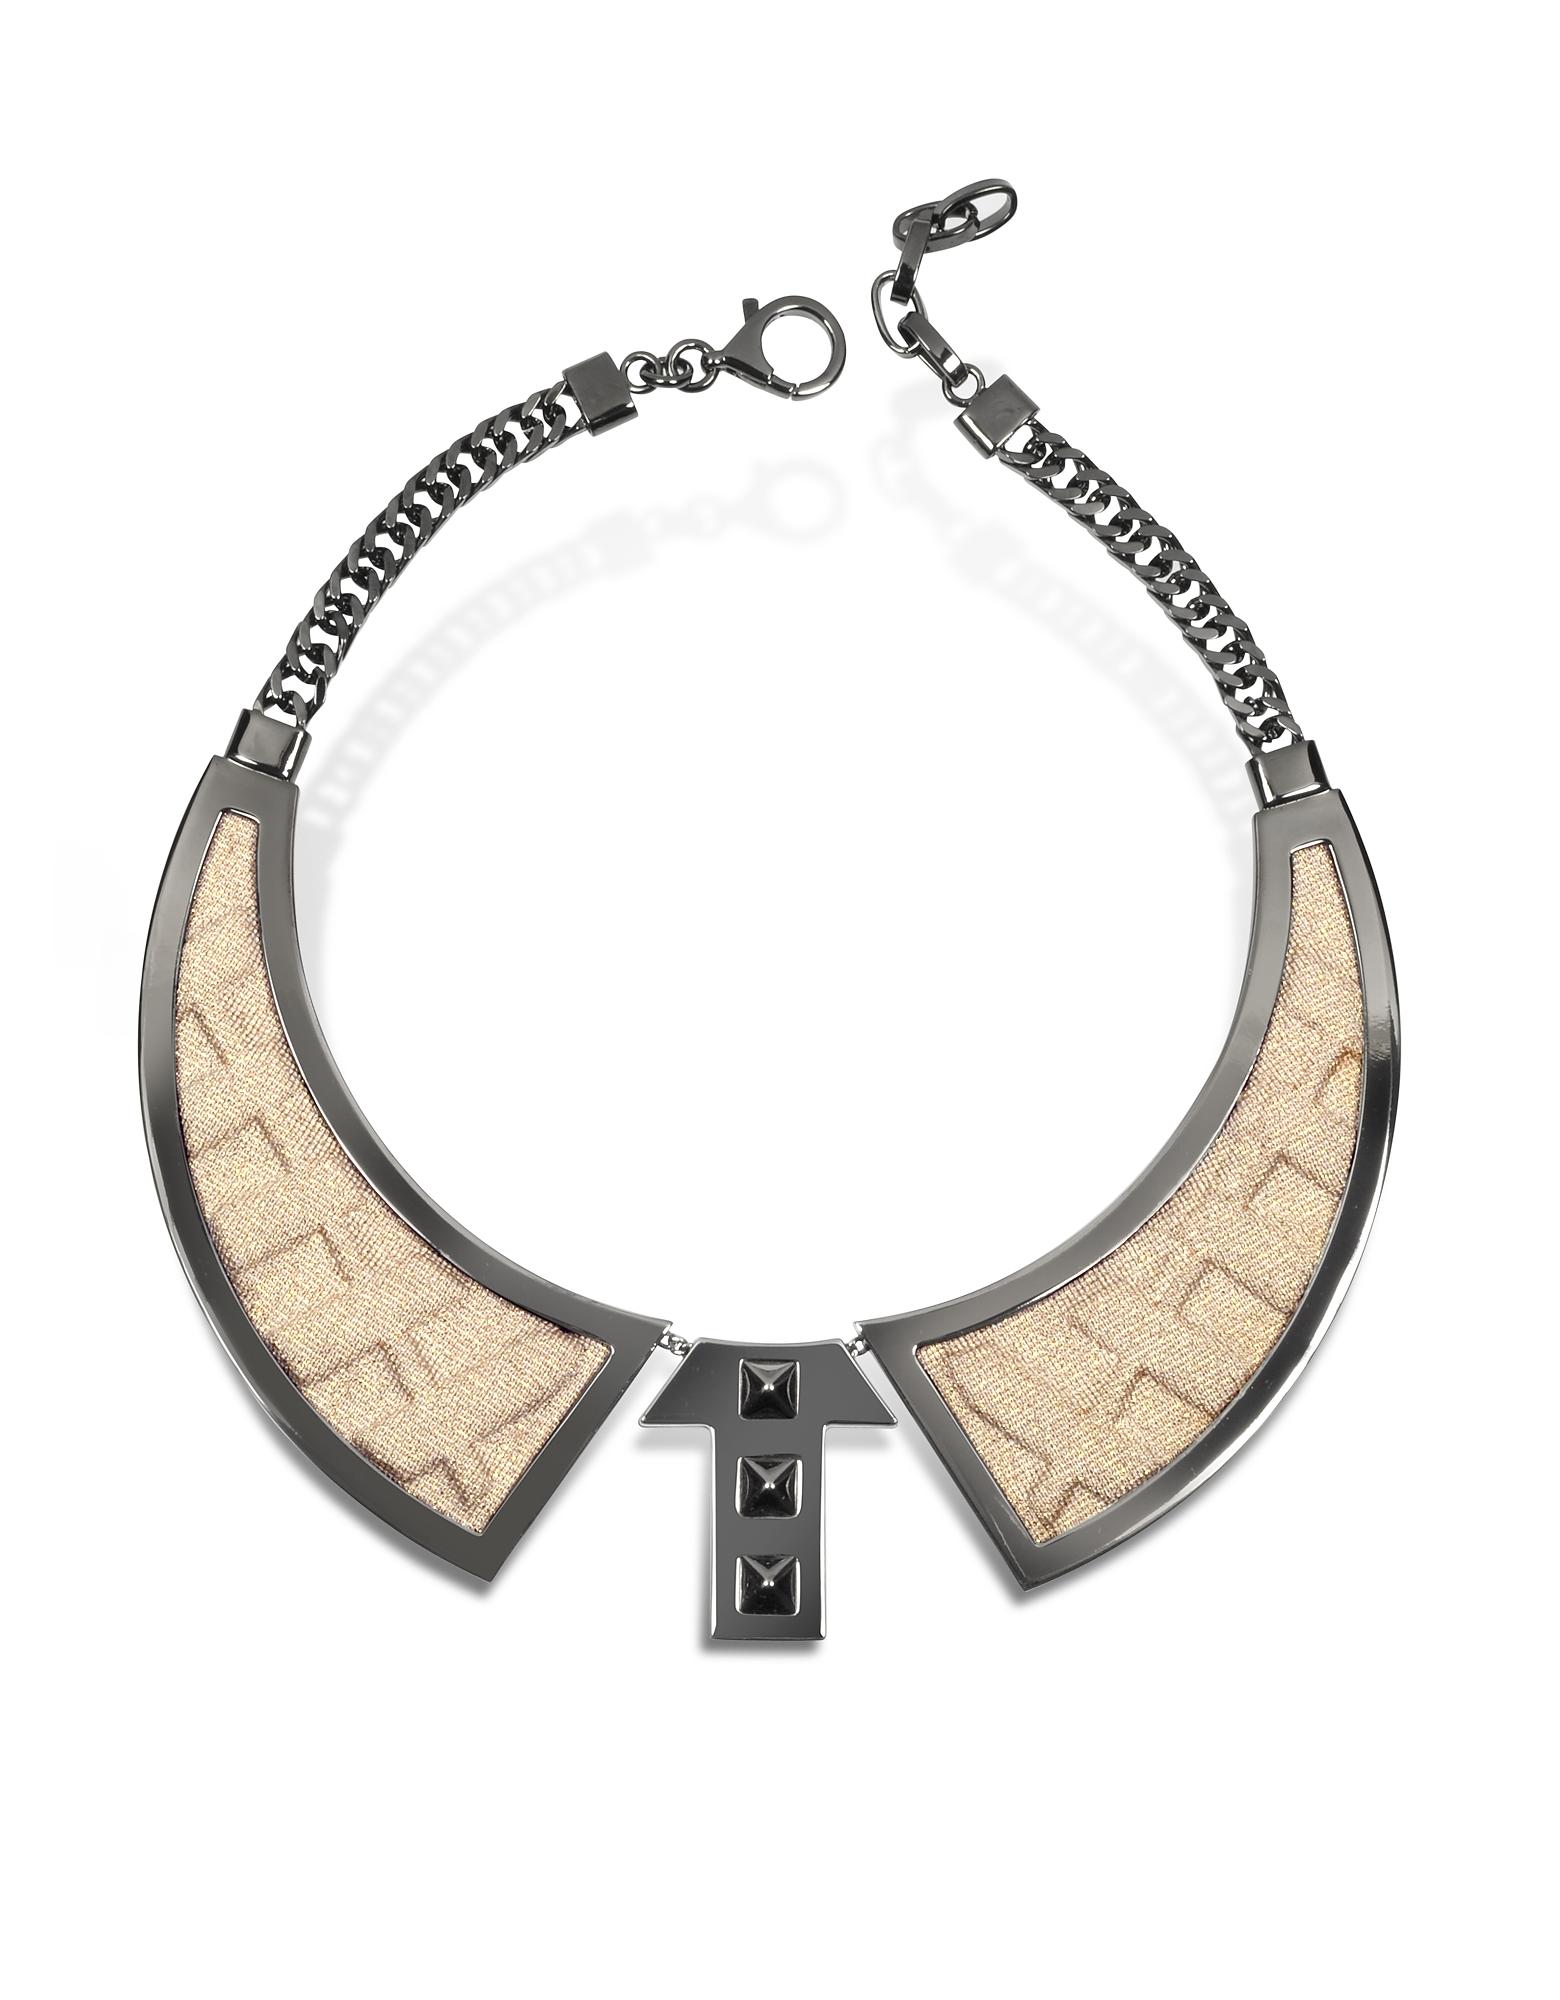 Bavero Contemporaneo - Ожерелье из Меди с Напылением Рутения и Золотистой Вискозы